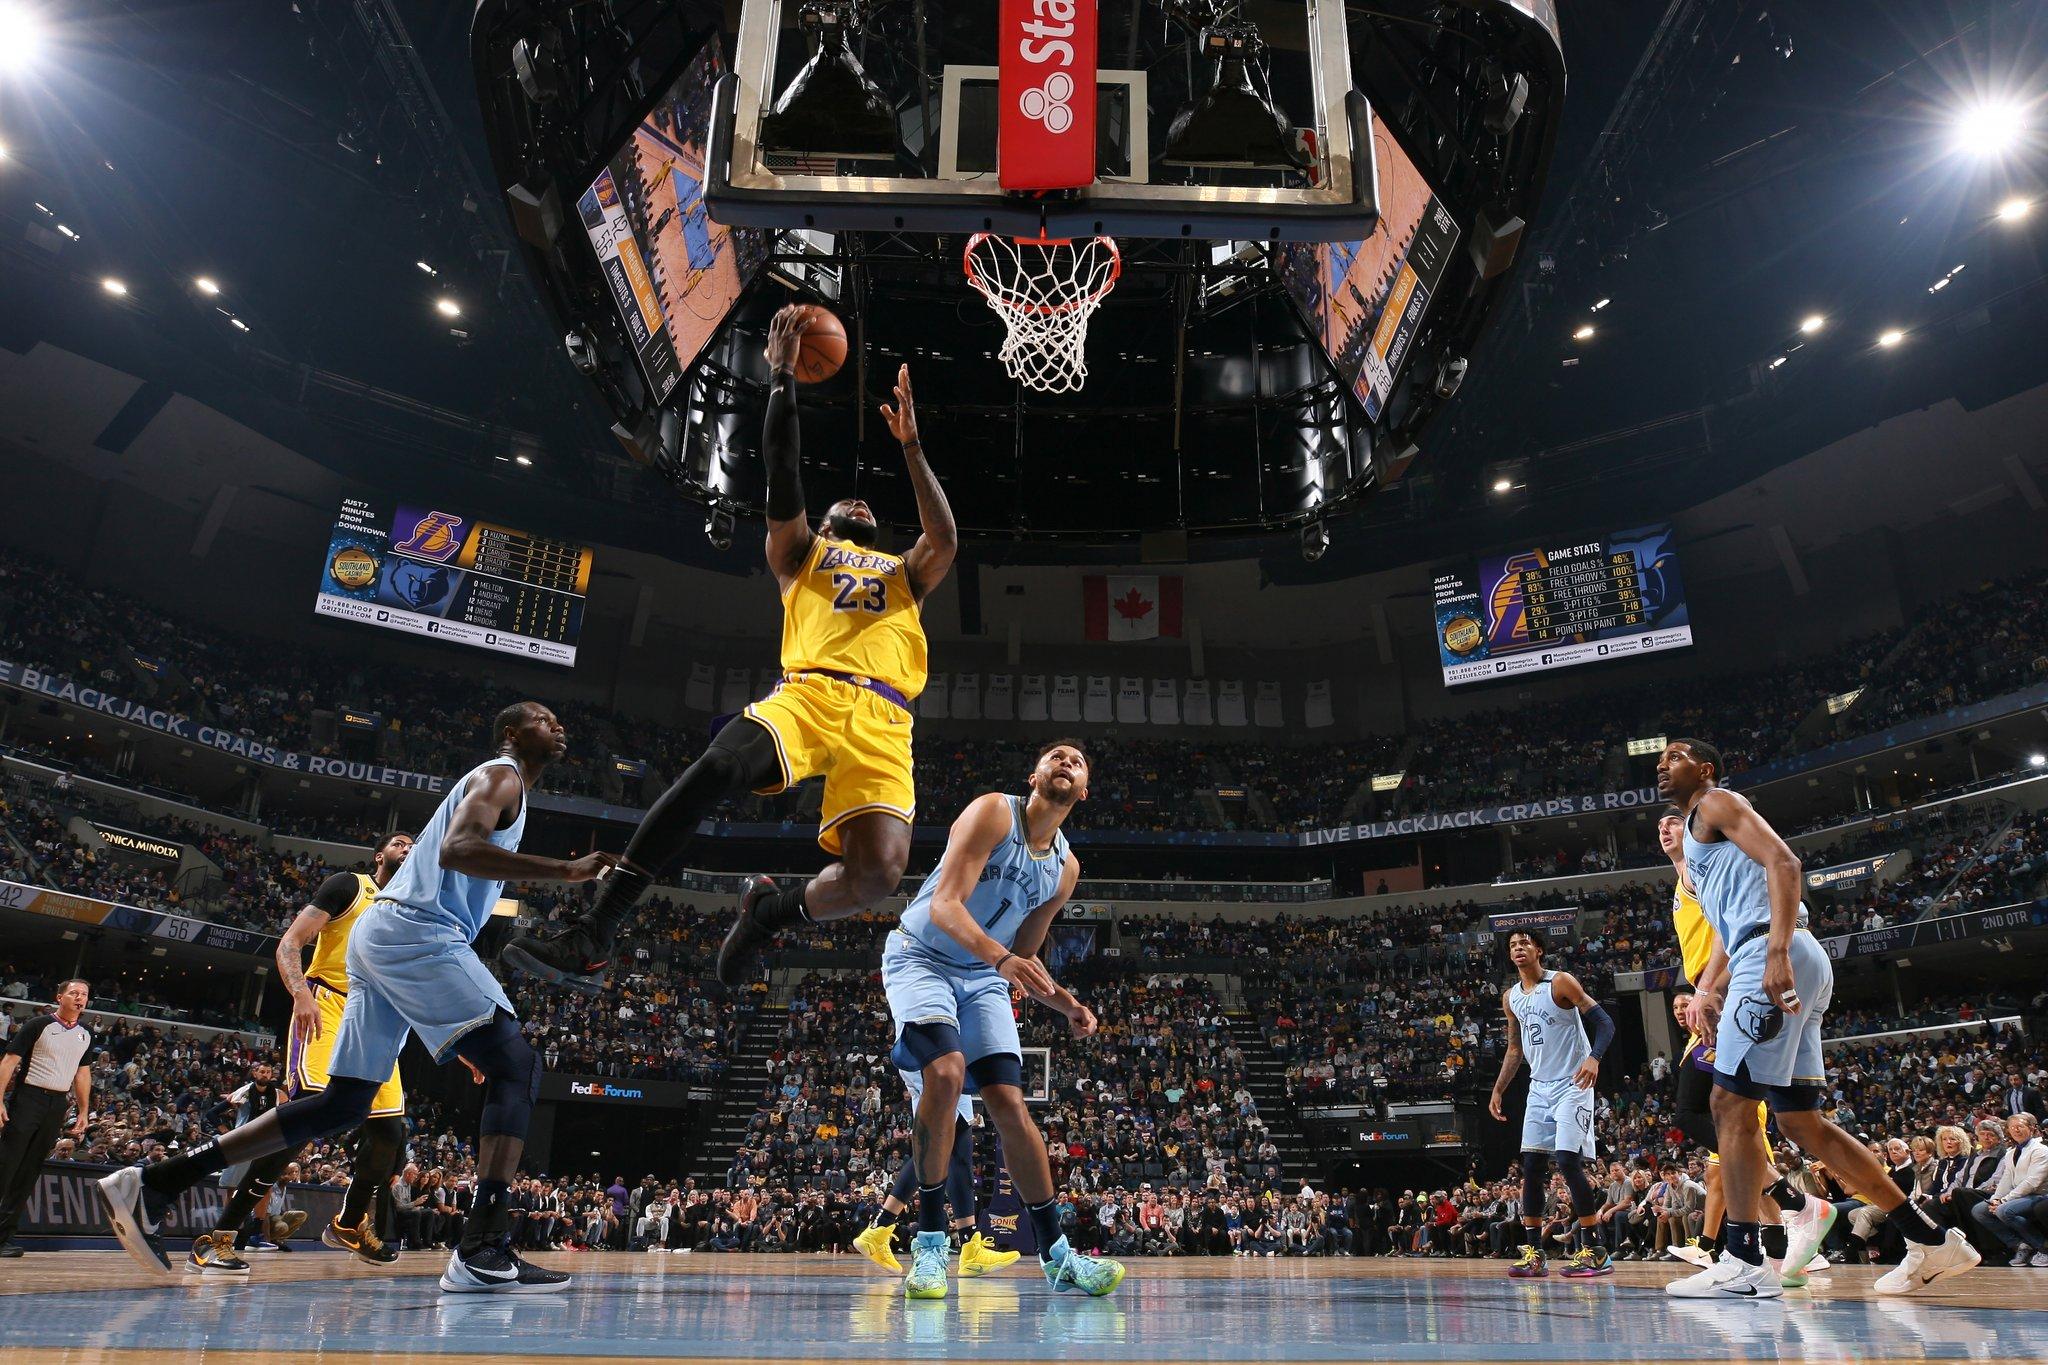 詹姆斯谈莫兰特:篮球智商和年龄无关,这是先天的东西